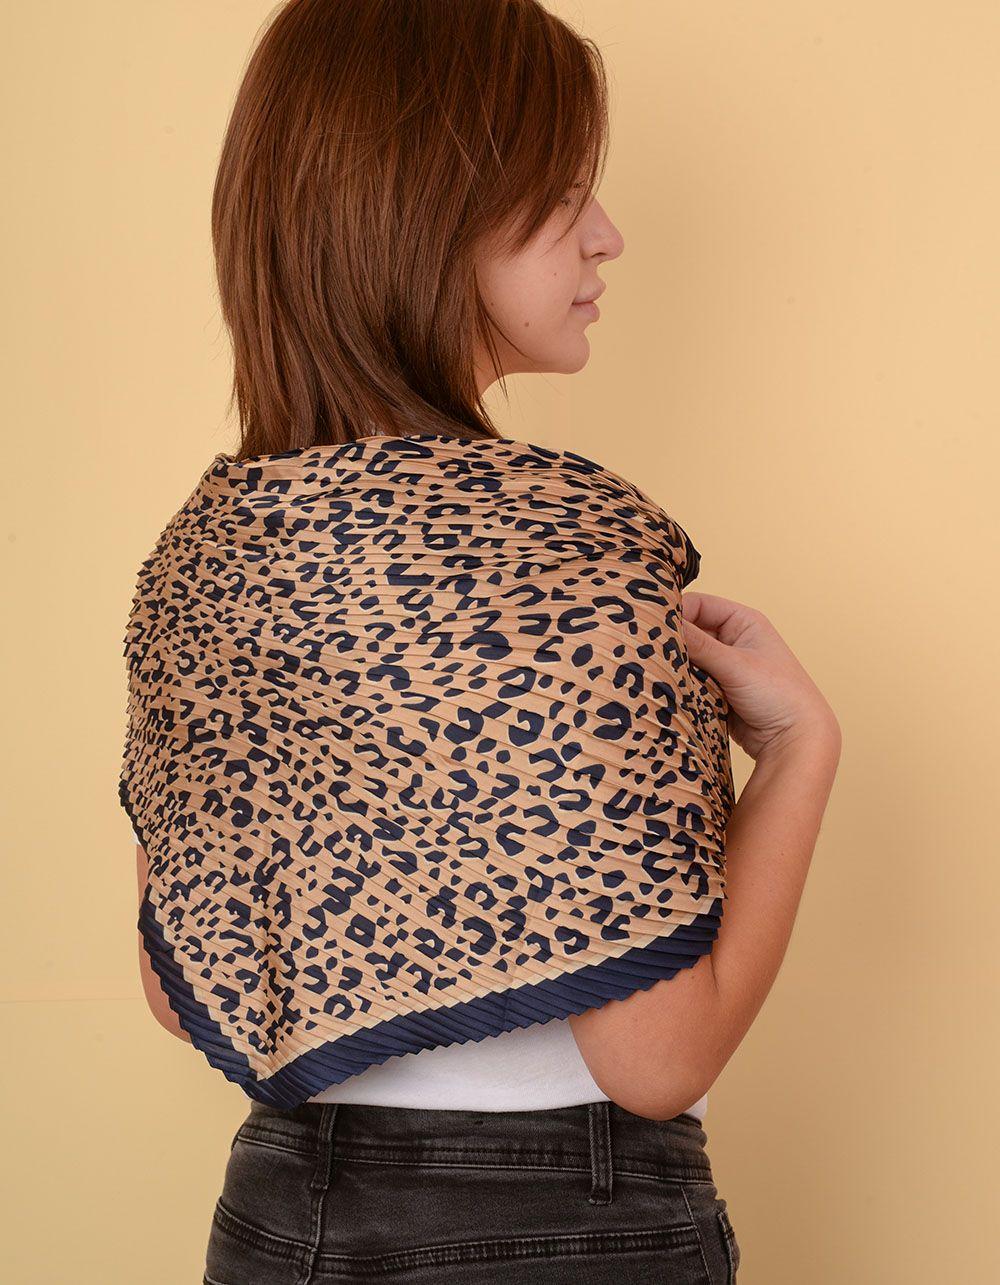 Хустка на шию з леопардовим принтом   238622-39-XX